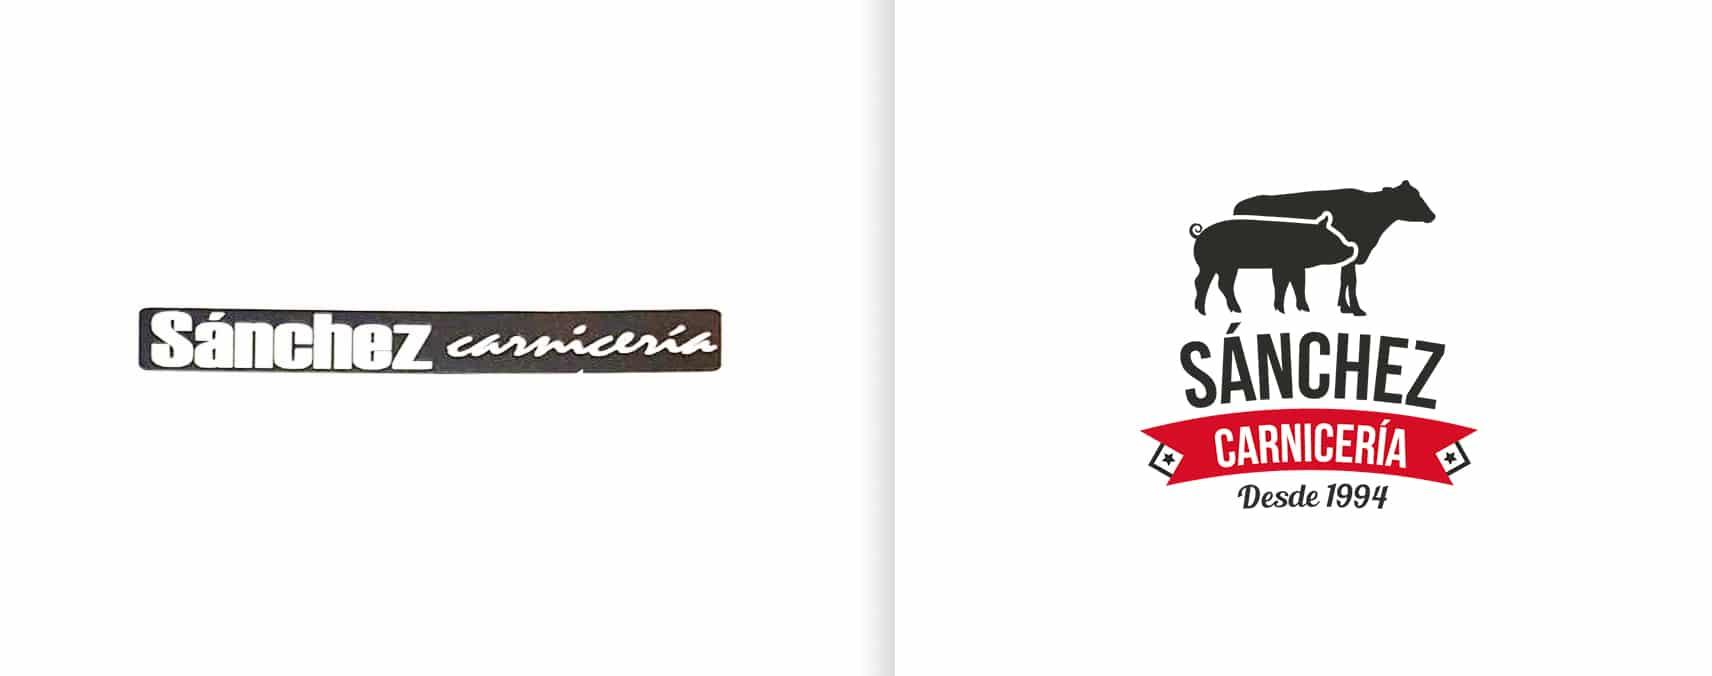 rediseño de logotipo carniceria sanchez